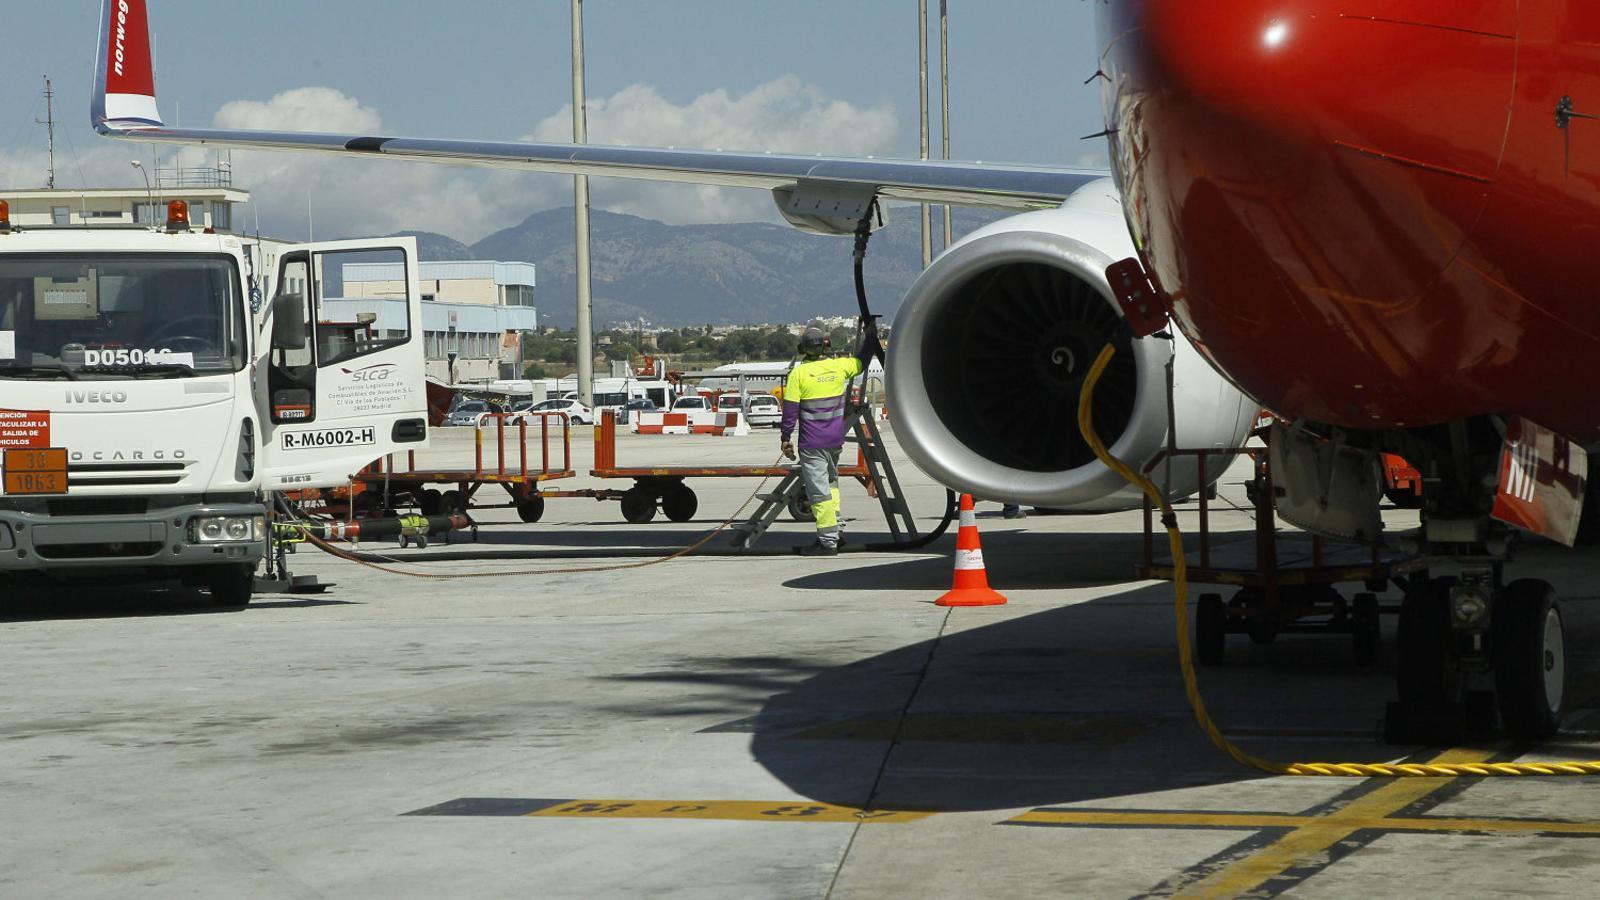 Cada avió basat a Palma genera aproximadament 40 llocs de feina entre tripulacions i personal de terra.